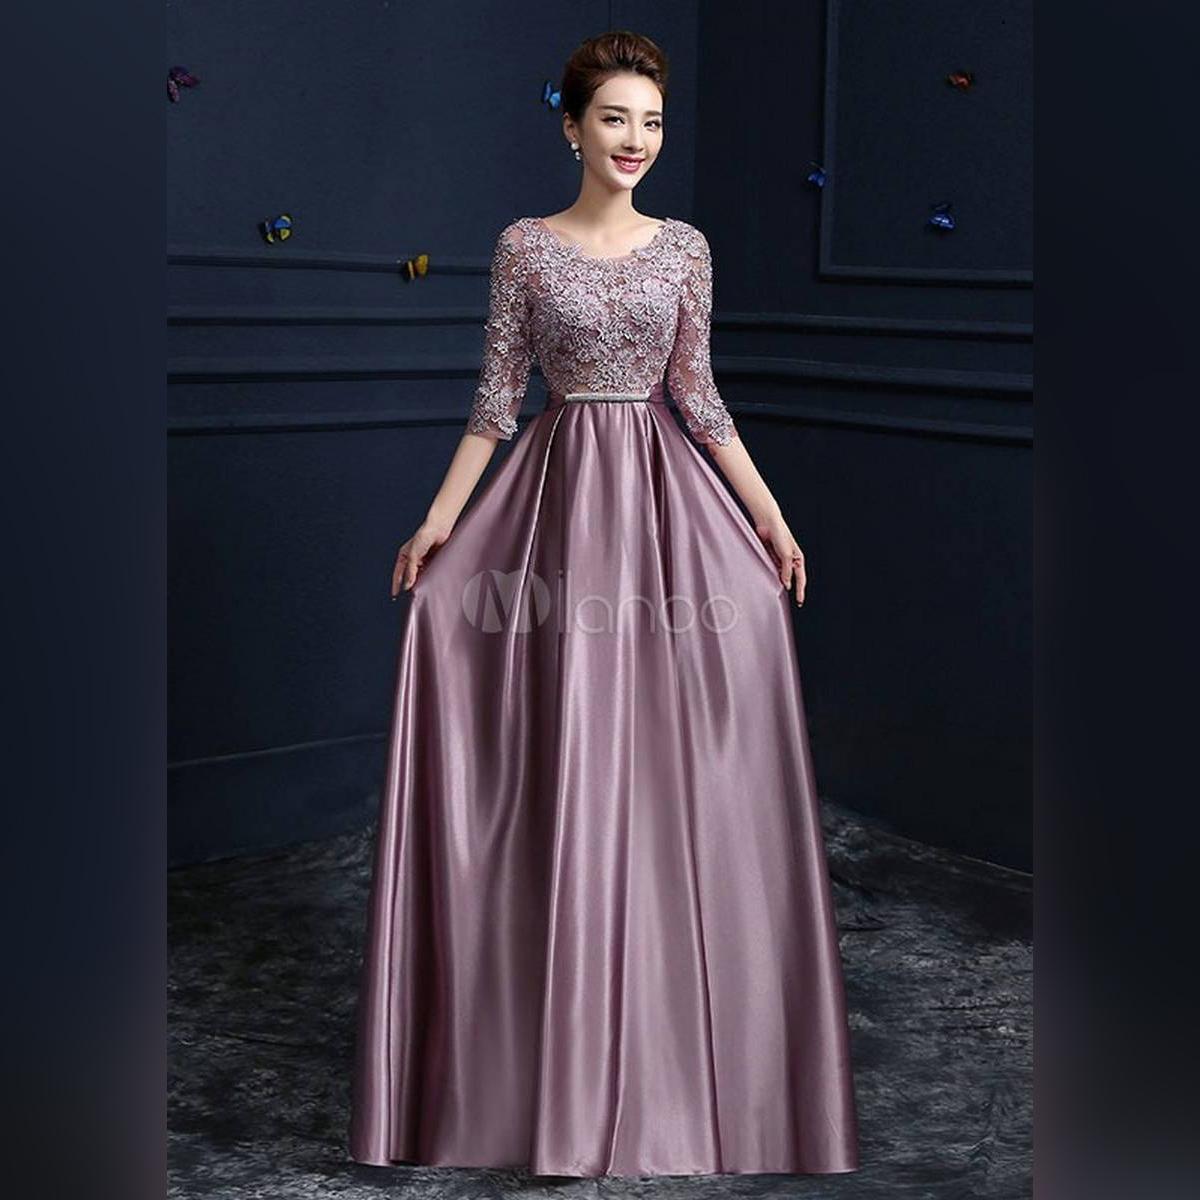 Piyazi Evening Maxi Dress For Women`s